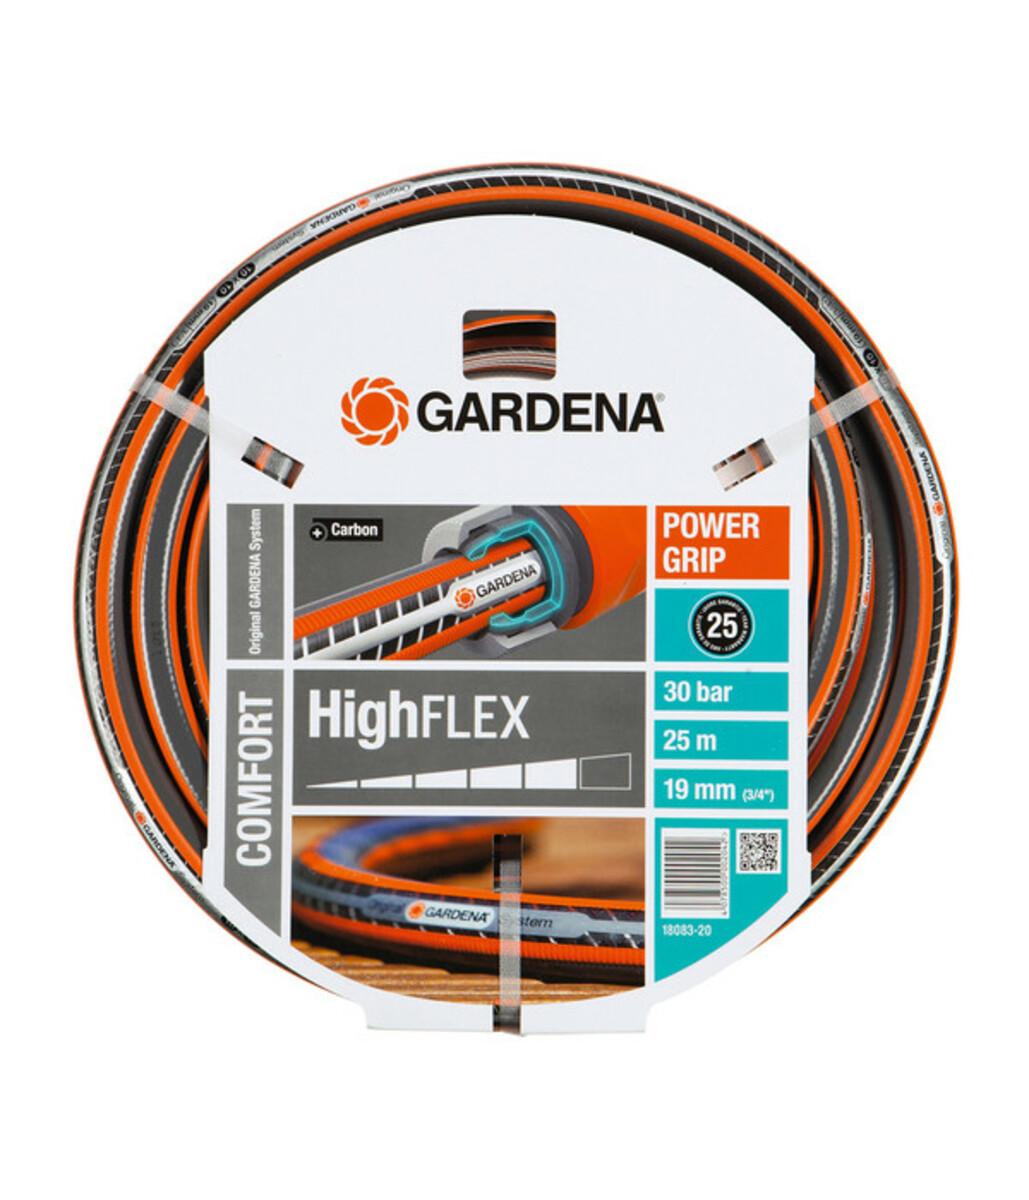 Bild 1 von GARDENA Comfort HighFLEX Schlauch 3/4'', 25 m